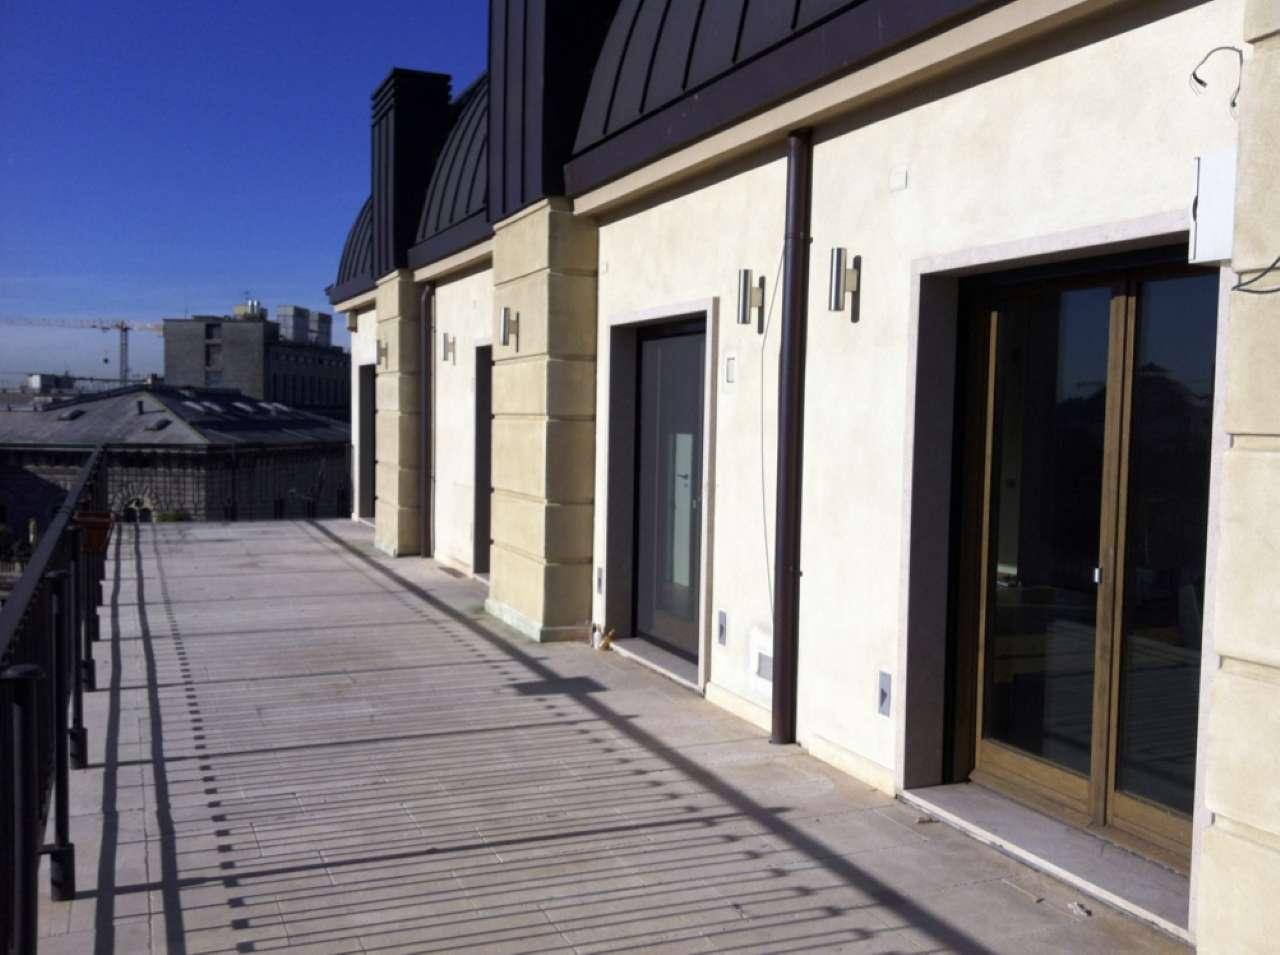 Appartamento in affitto a Milano, 6 locali, zona Zona: 1 . Centro Storico, Duomo, Brera, Cadorna, Cattolica, Trattative riservate | CambioCasa.it